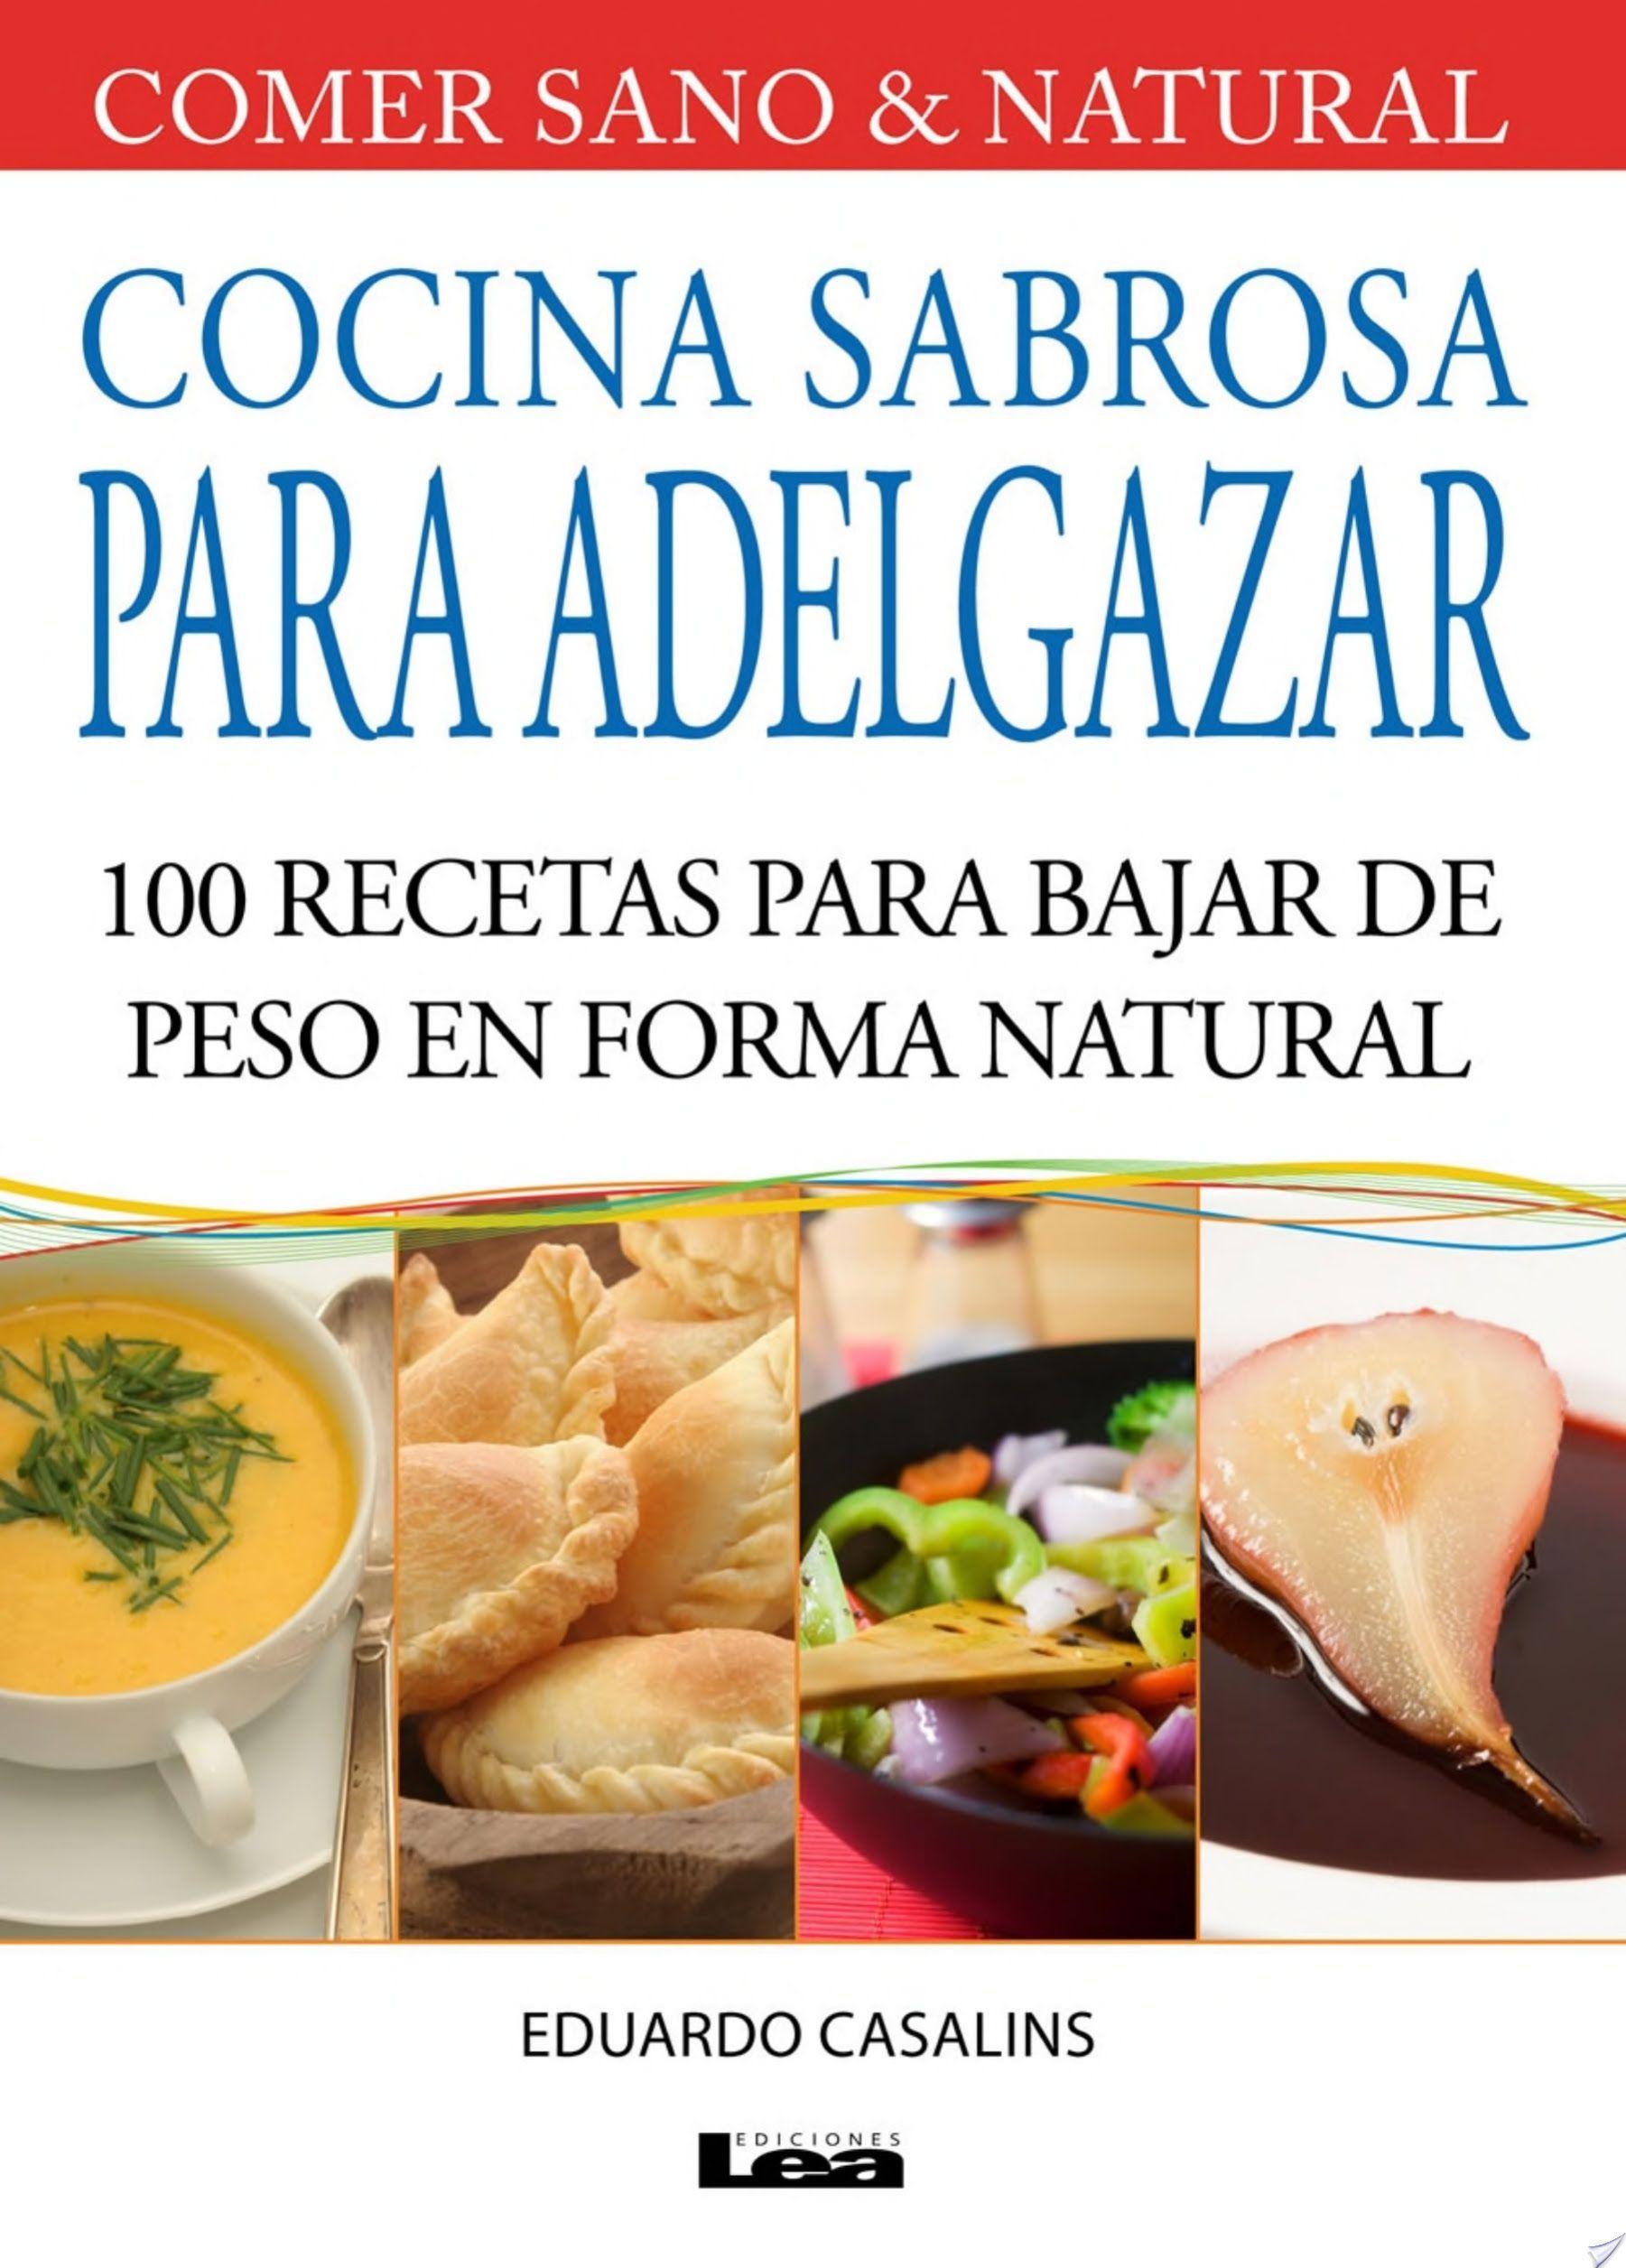 Recetas comida saludable para bajar de peso pdf to jpg